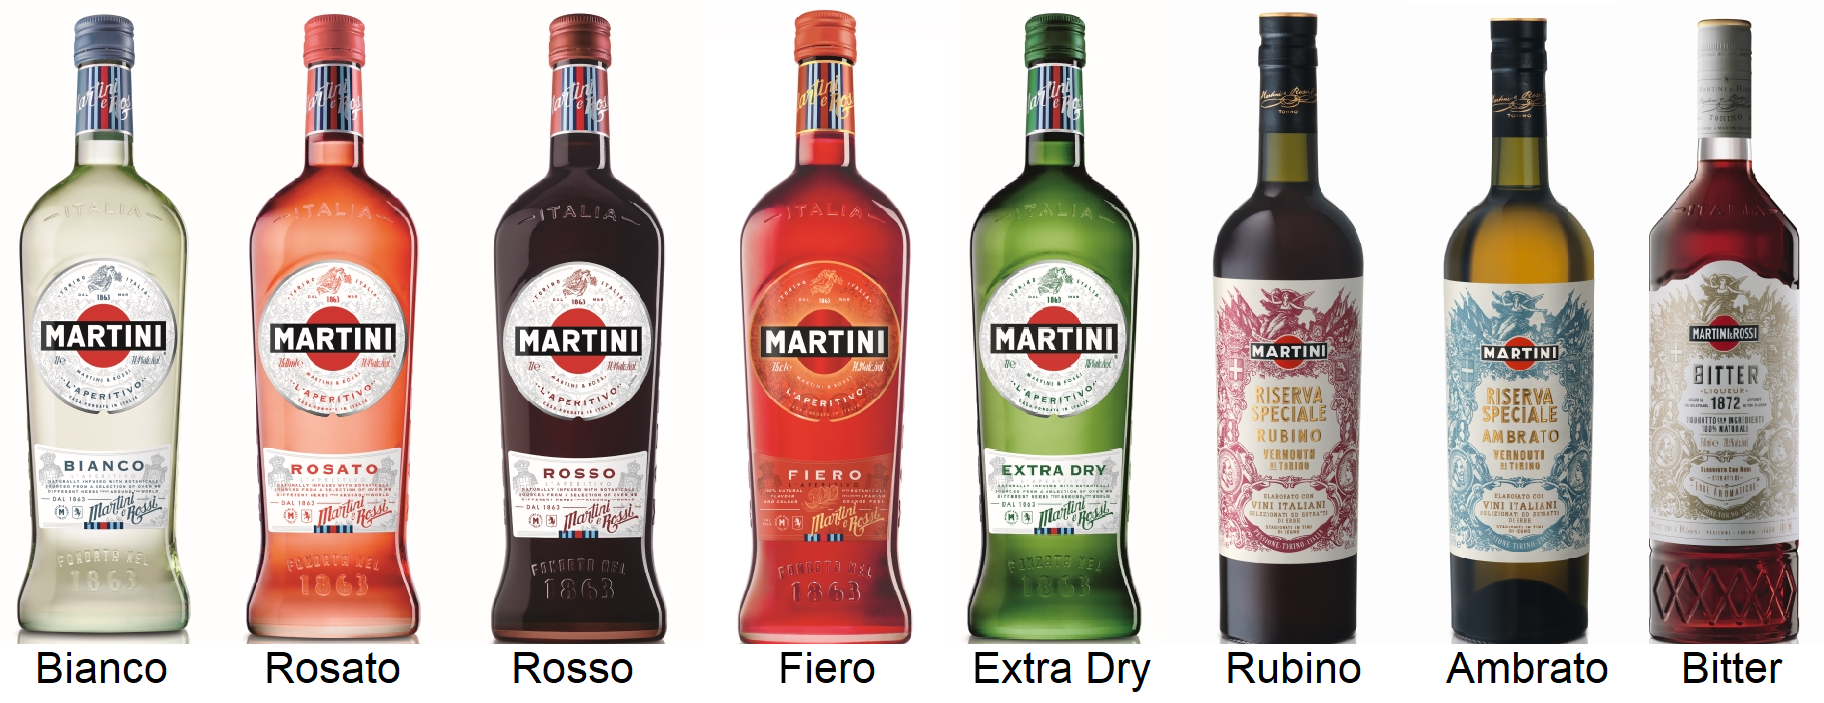 Martini - vermouth brands (Bianco, Rosato, Rosso, Fiero, Extra Dry, Rubino, Ambrato, Bitter)